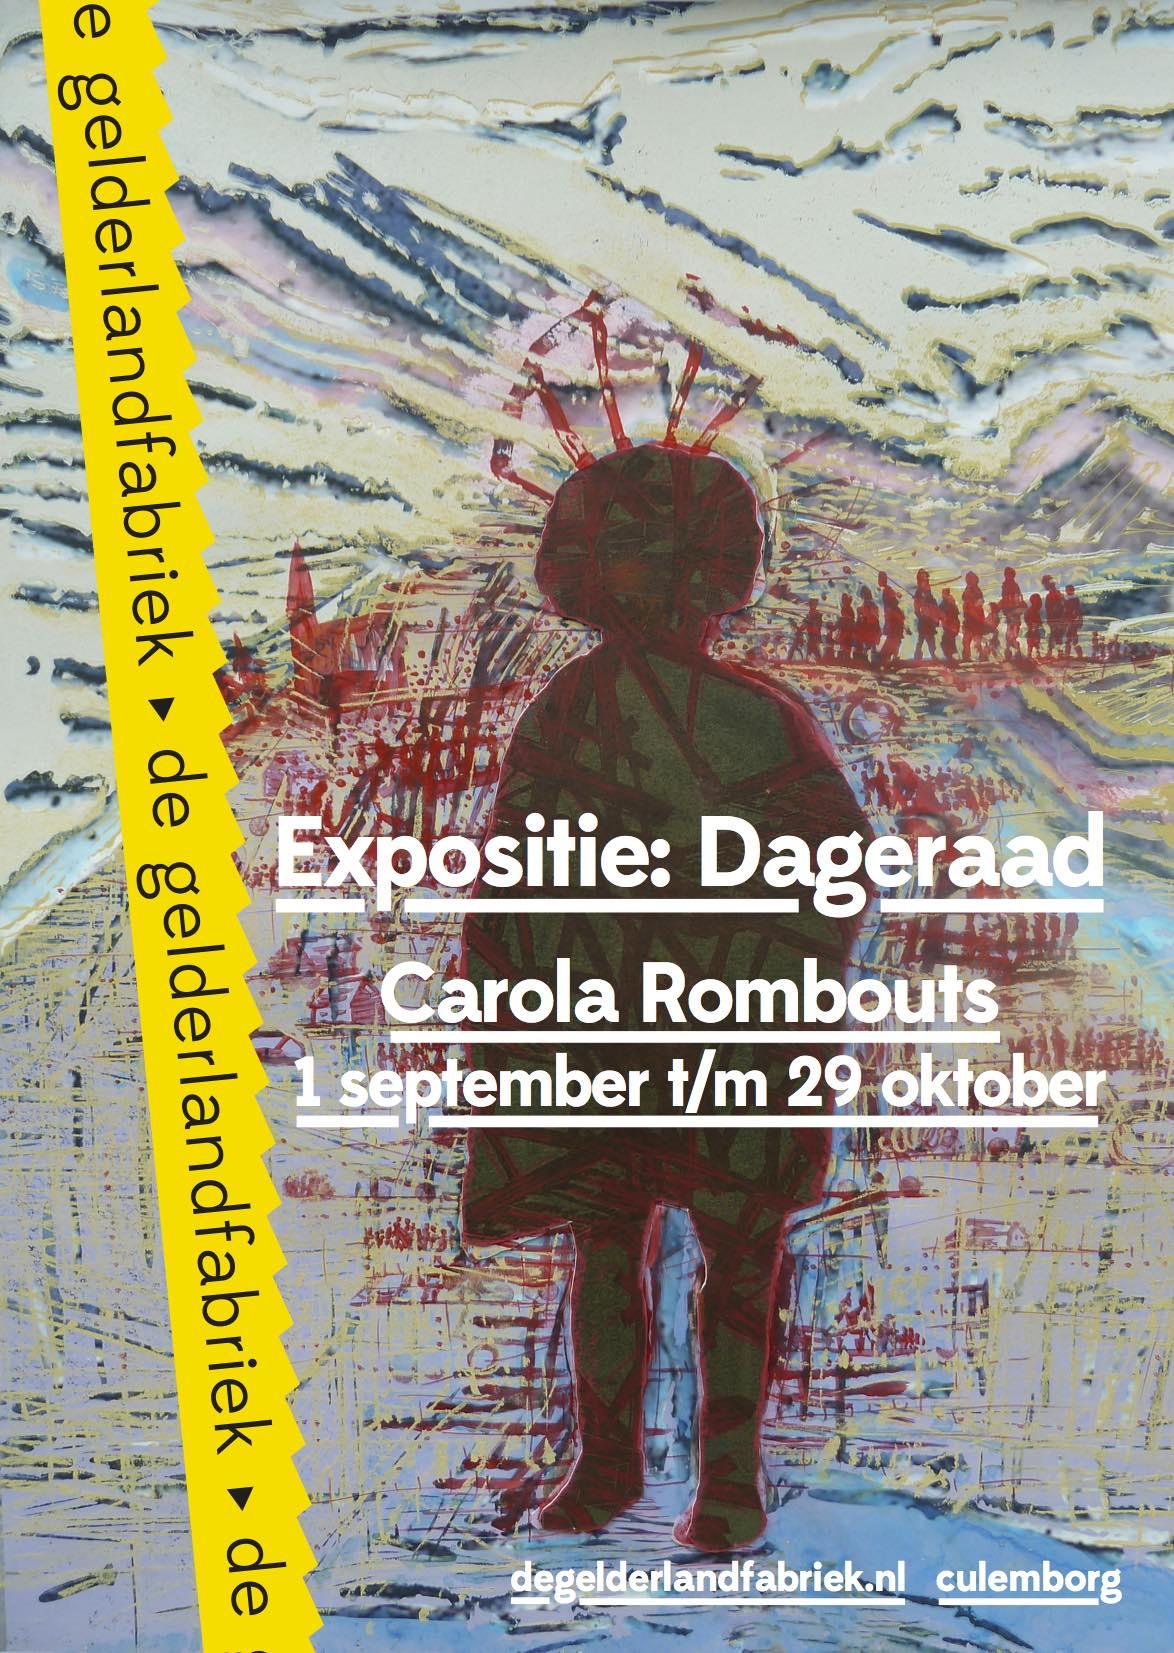 Carola Rombouts